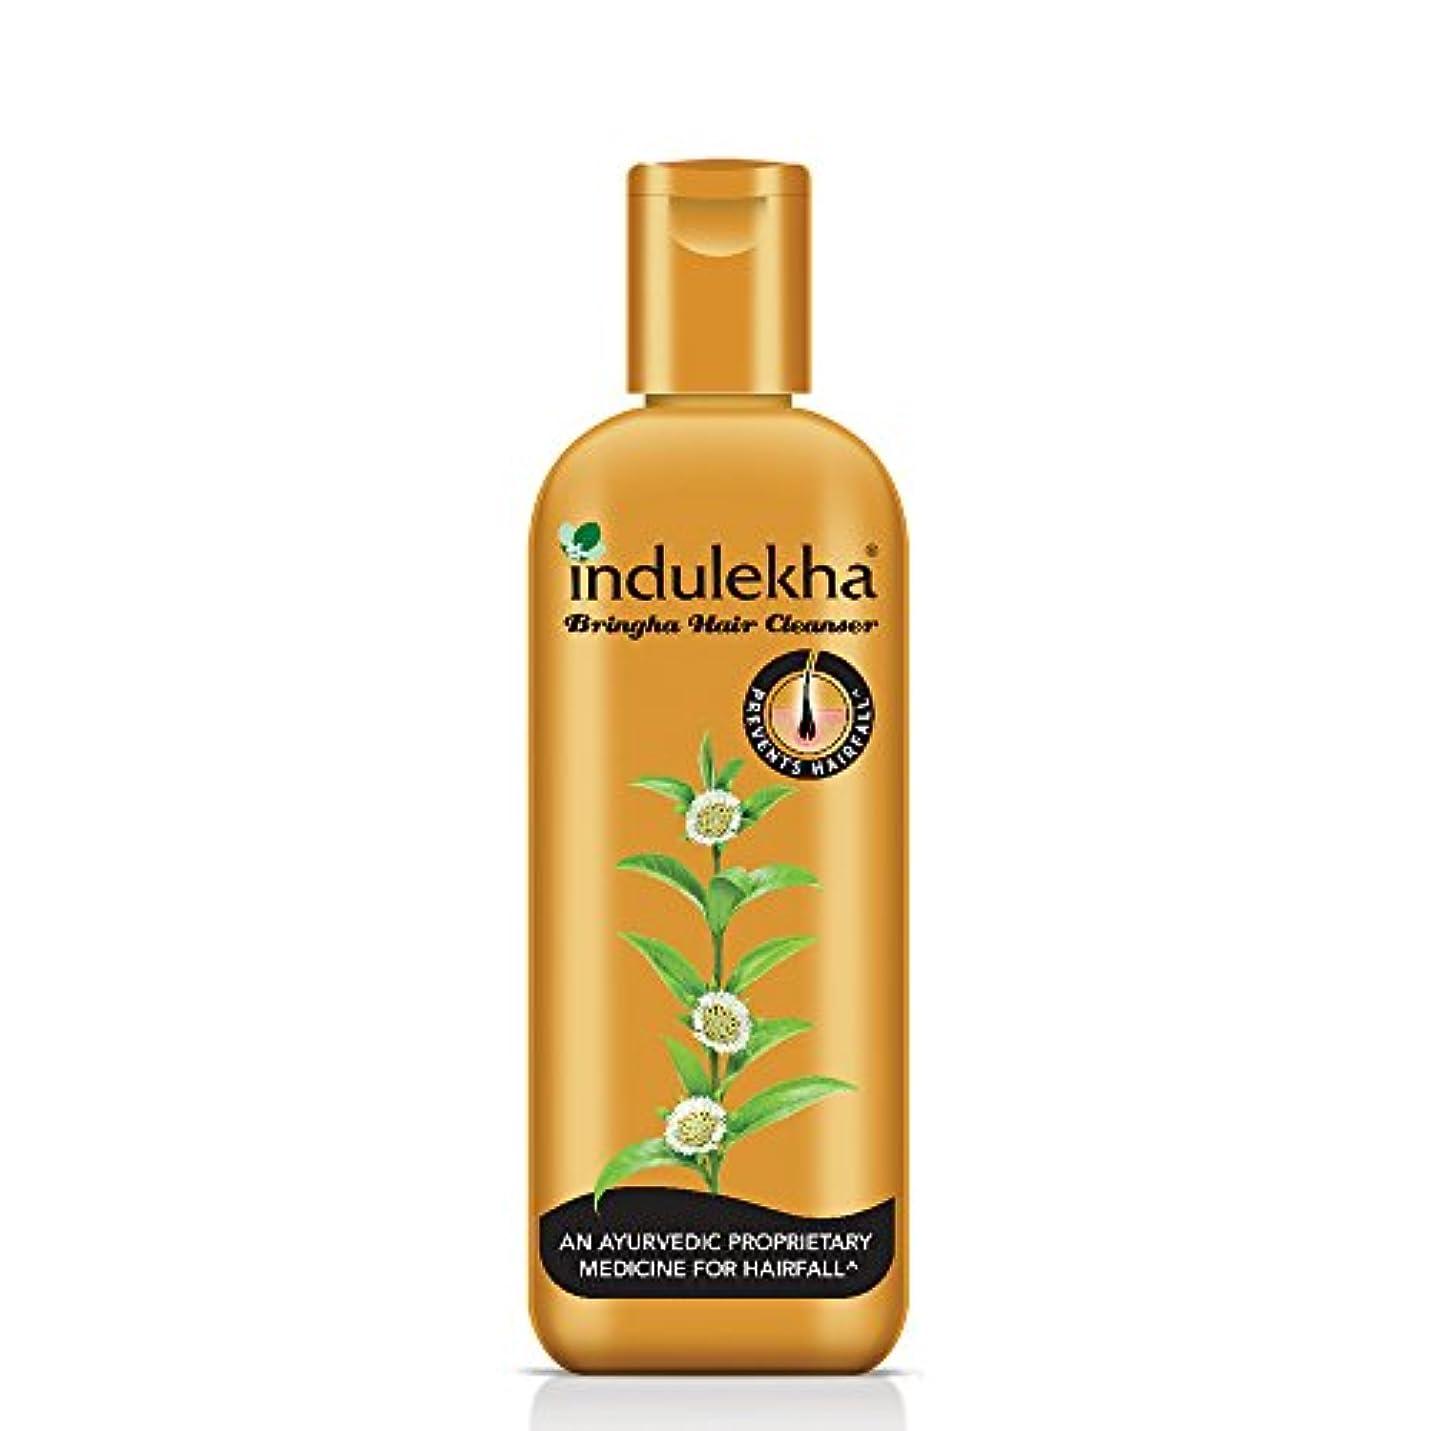 商標割り込み逆説Indulekha Bringha Anti Hair Fall Shampoo (Hair Cleanser) 200ml, 6.76 oz - 並行輸入品 - イニディカ?ブリンガアンチヘアフォールシャンプー(ヘアクレンザー...